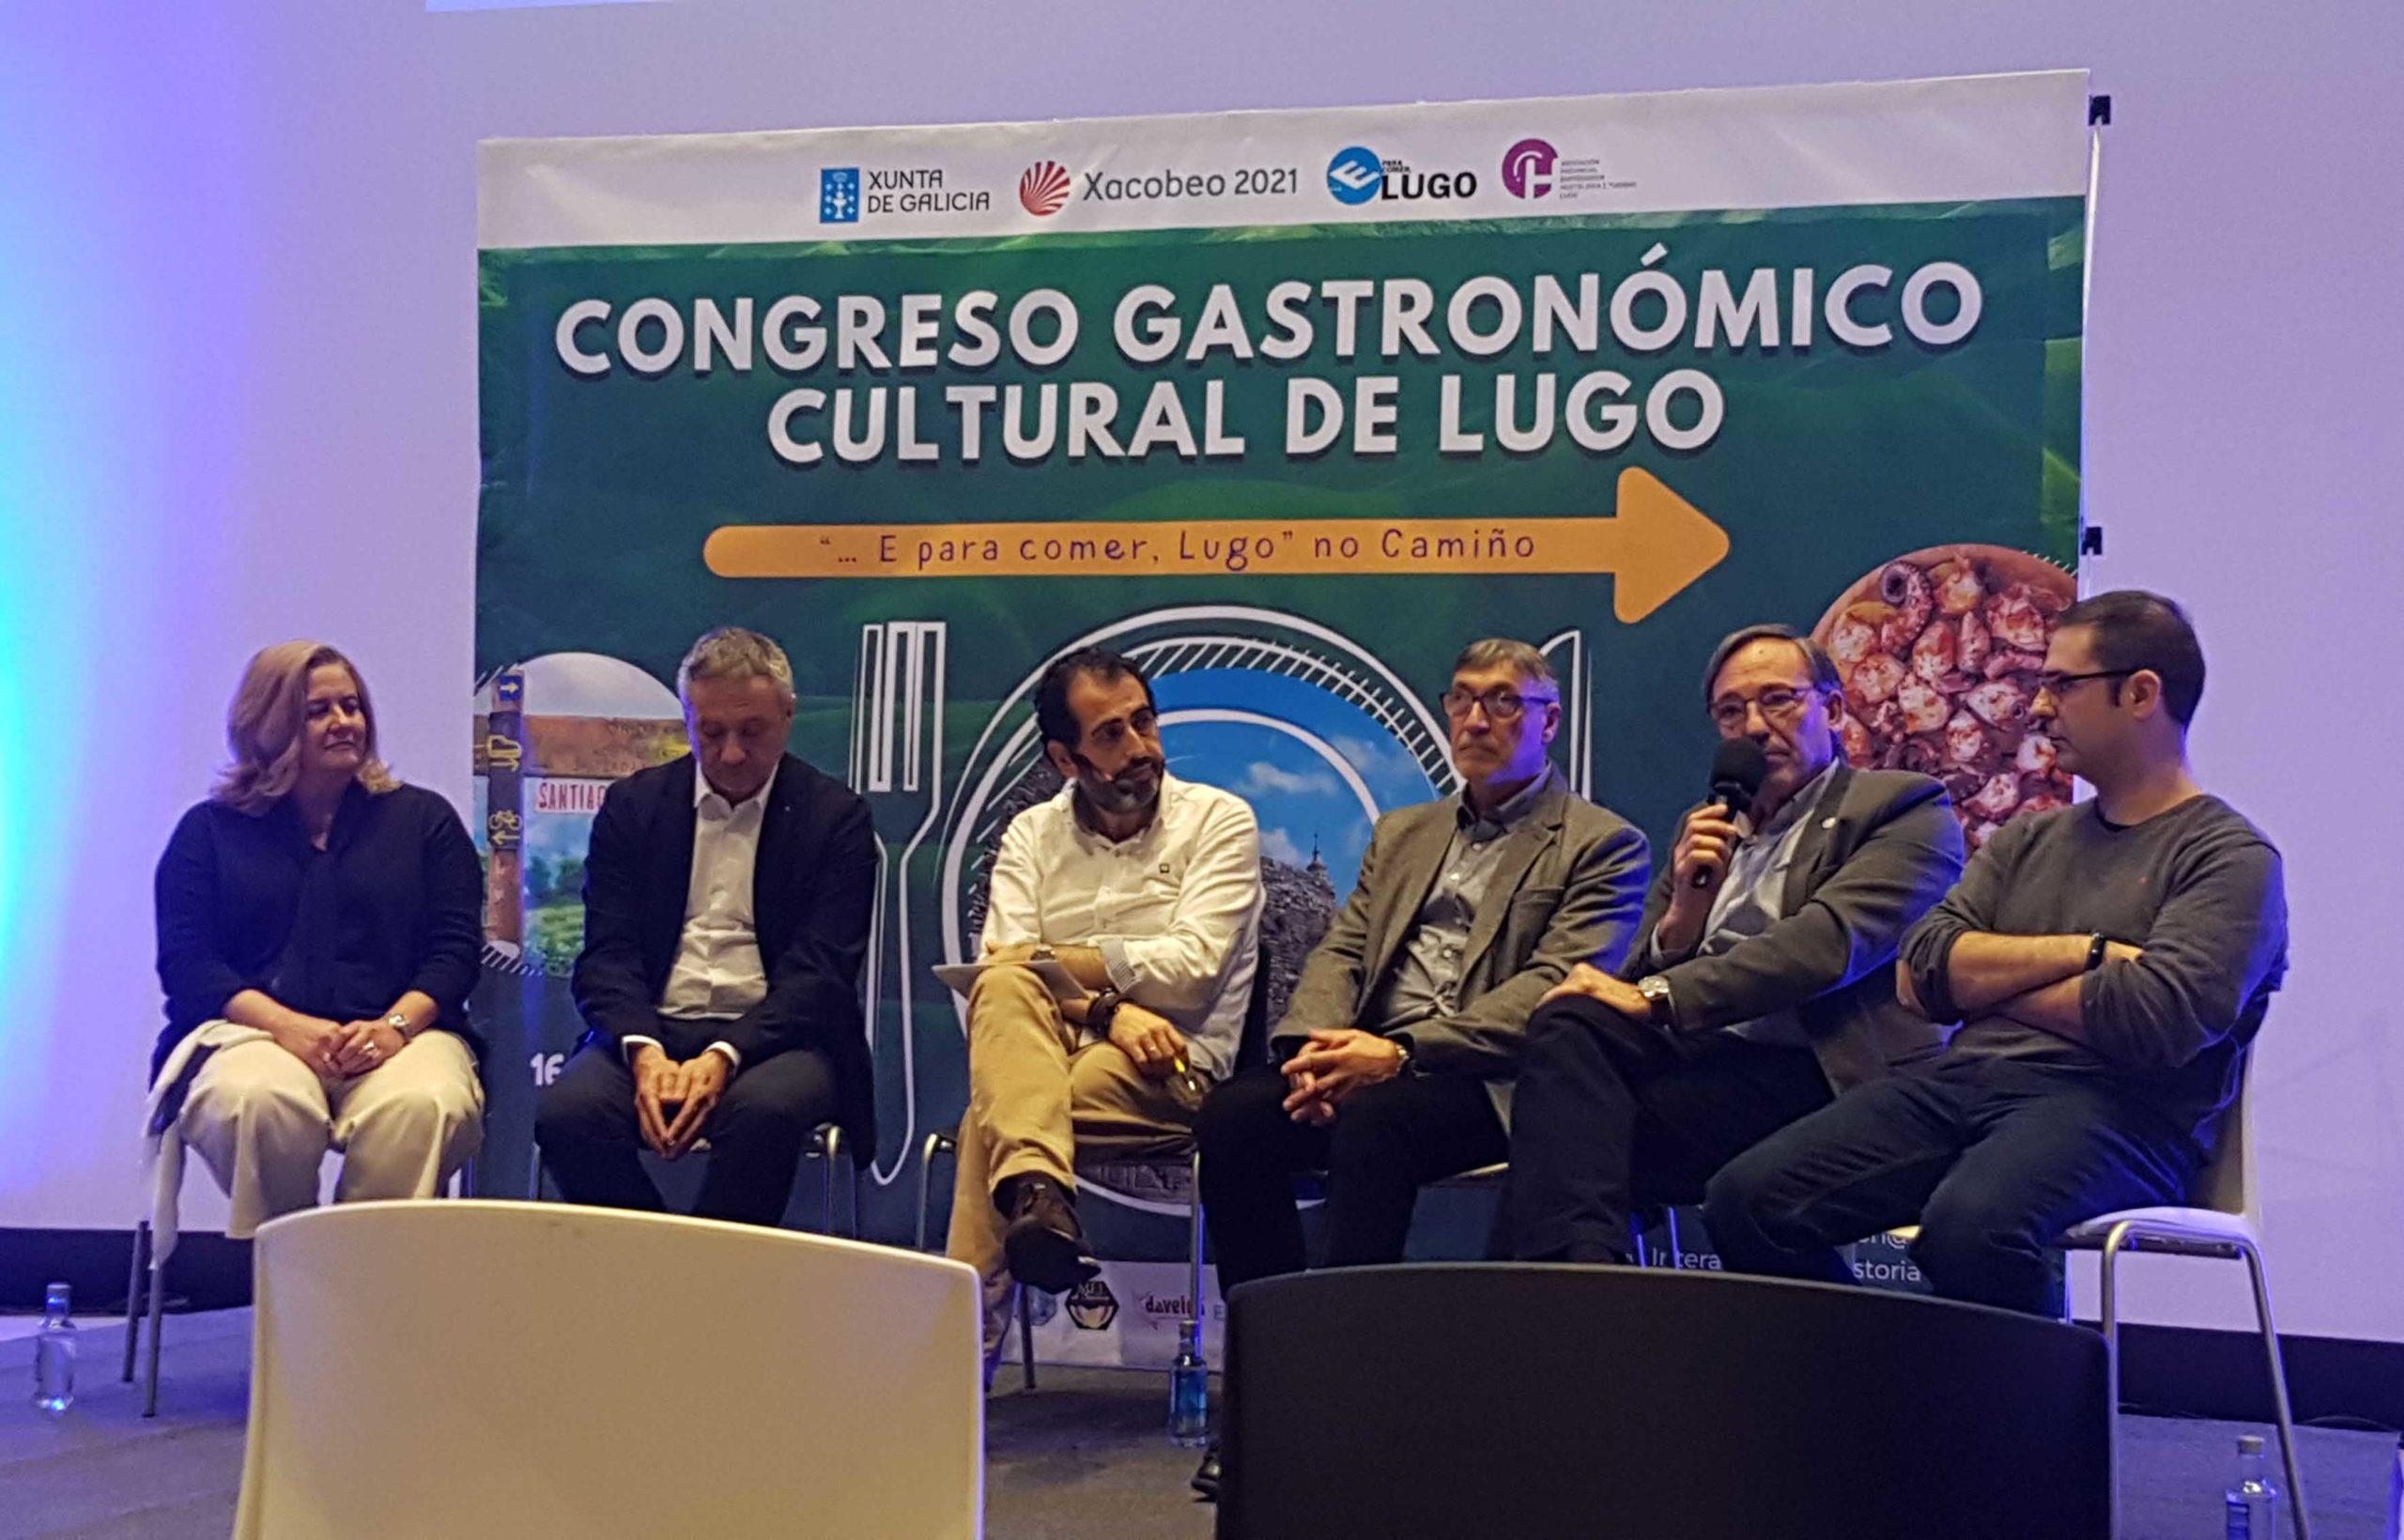 La Apehl celebrará el II Congreso '…E para comer, Lugo no Camiño' el 29 de mayo